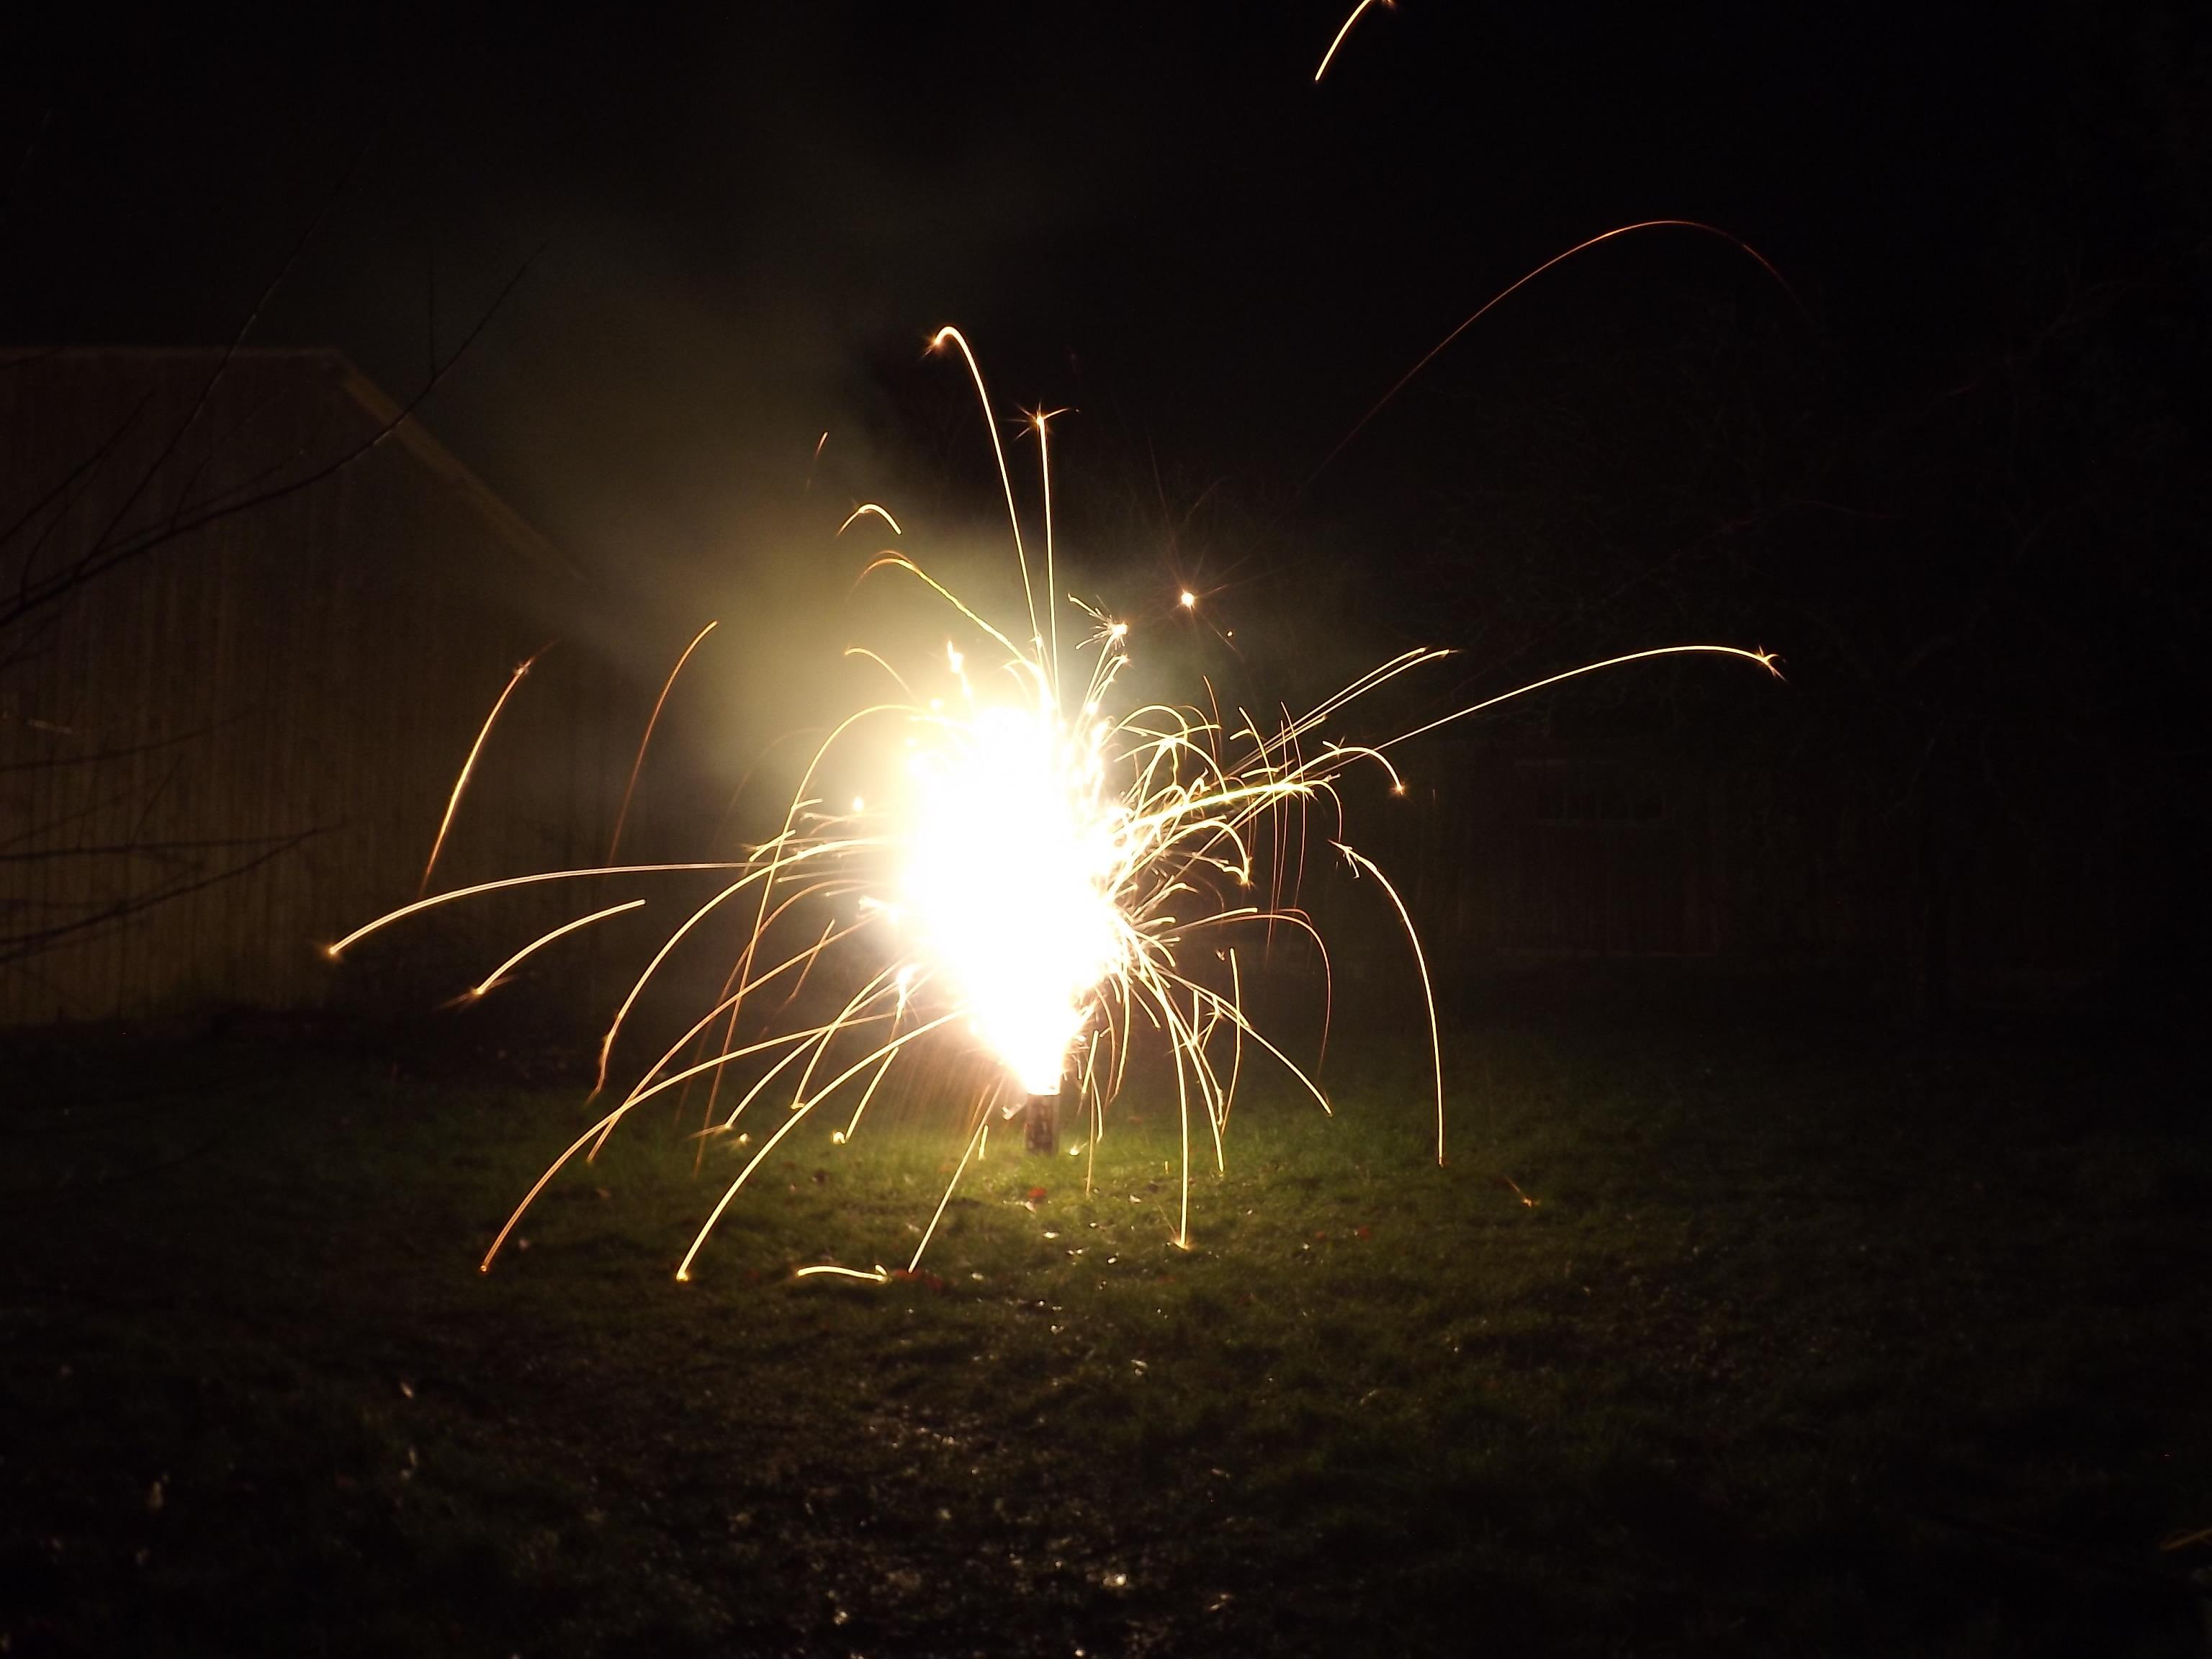 6733-feuerwerk-silvester-neujahr-crackling